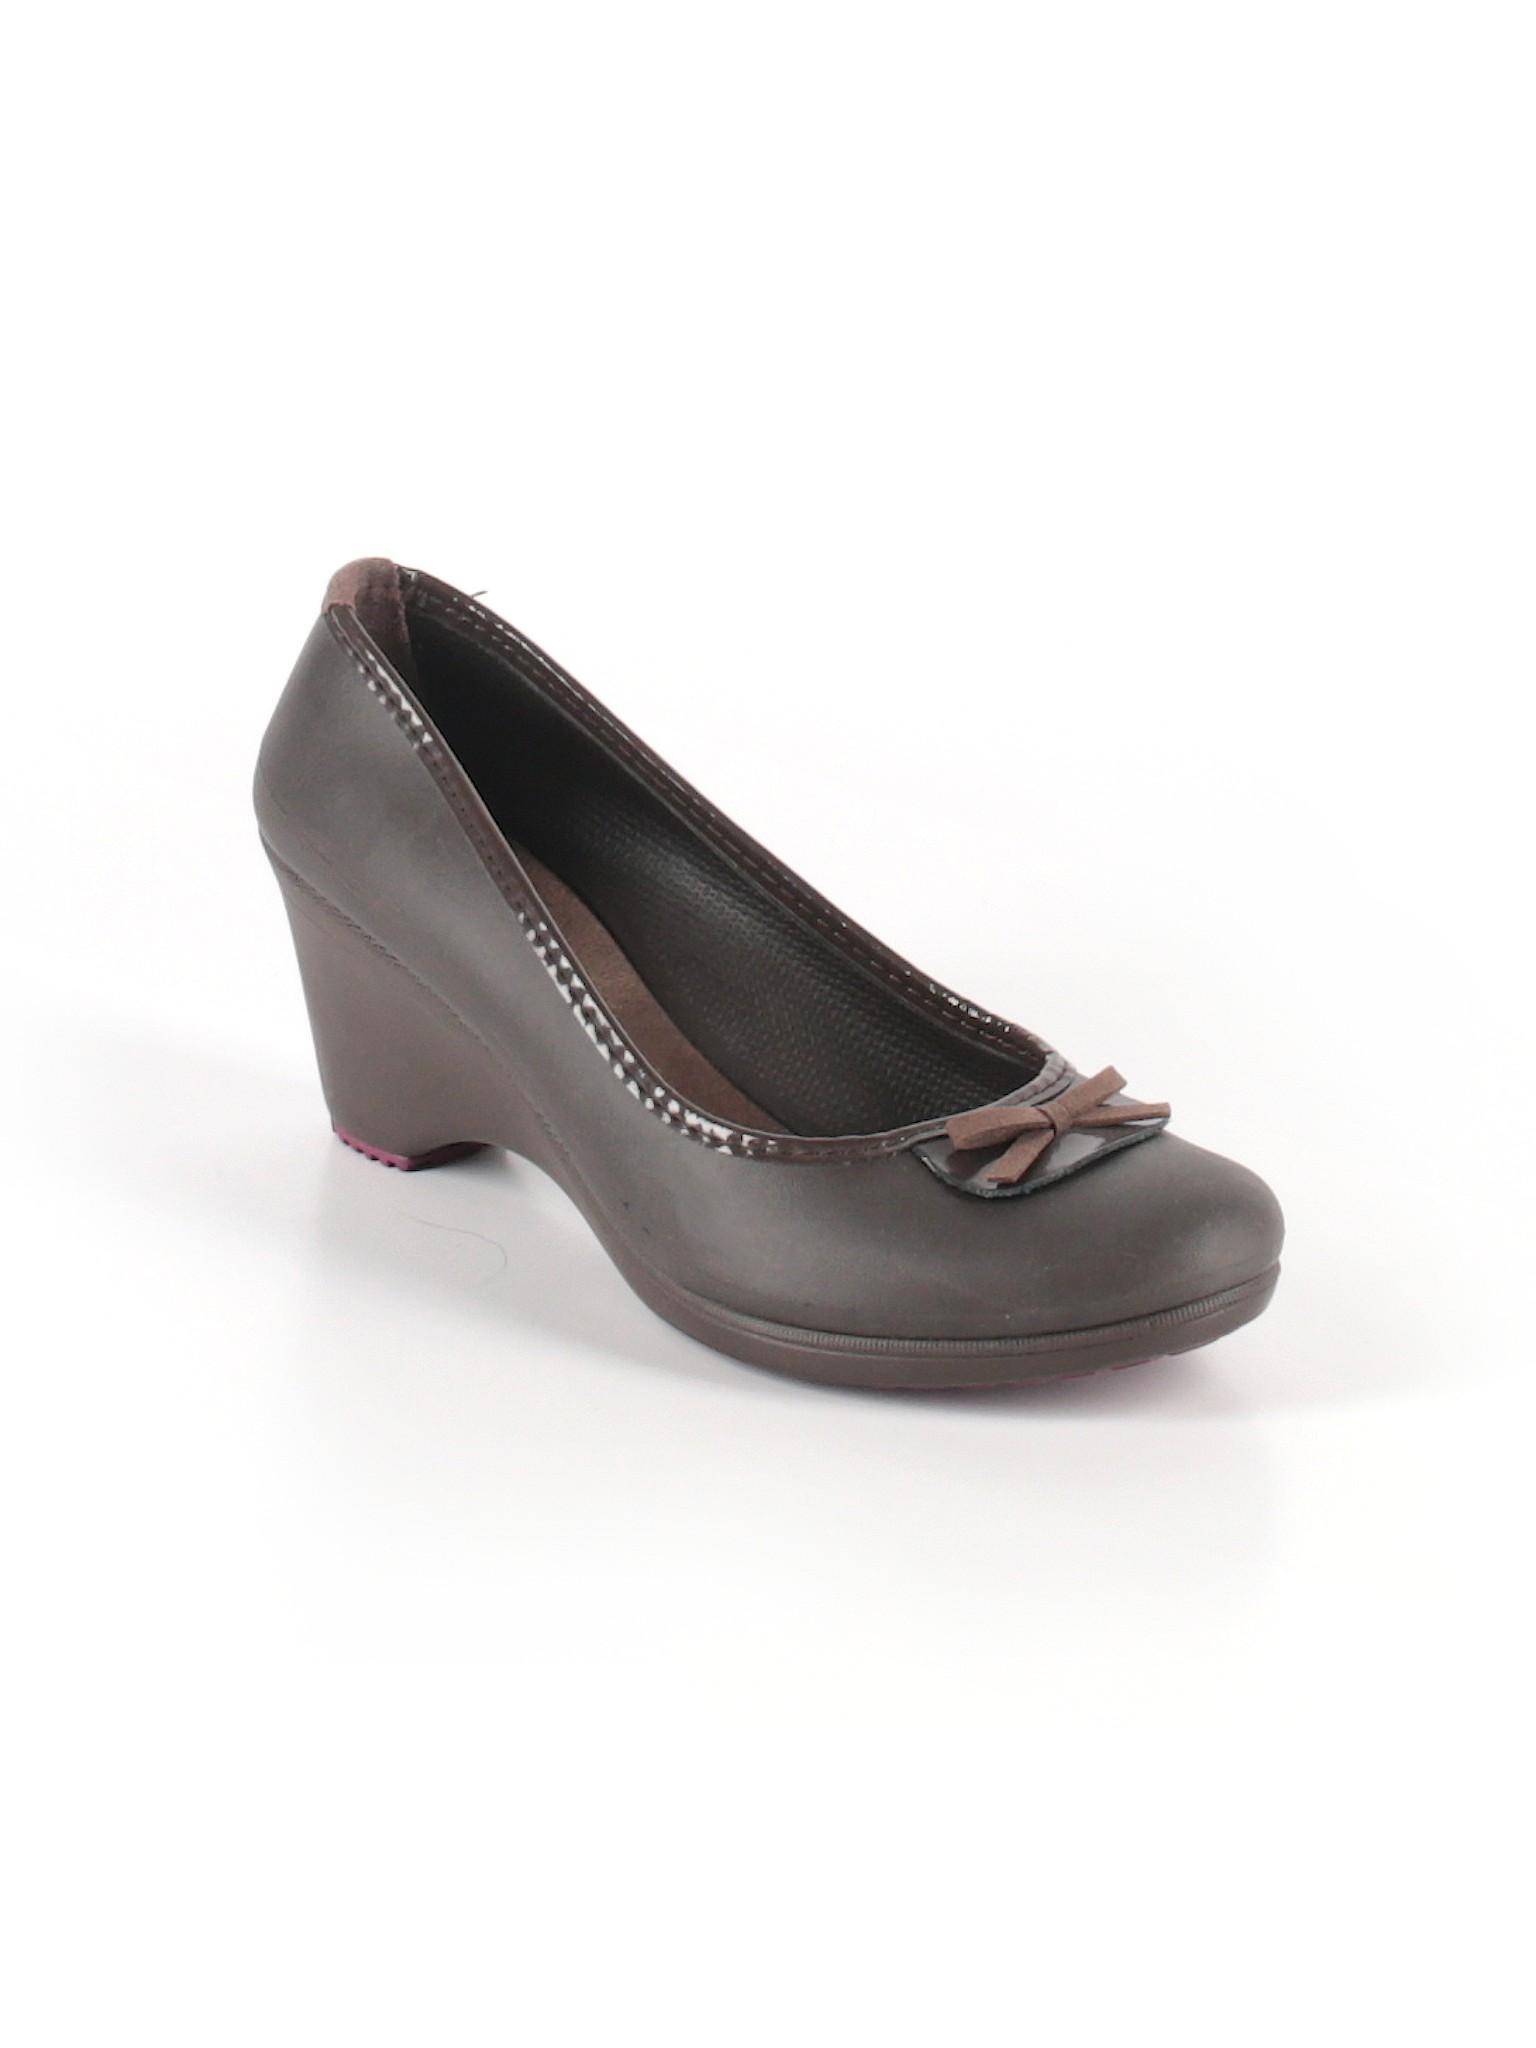 Boutique Crocs Boutique promotion Heels promotion 0wxqf75